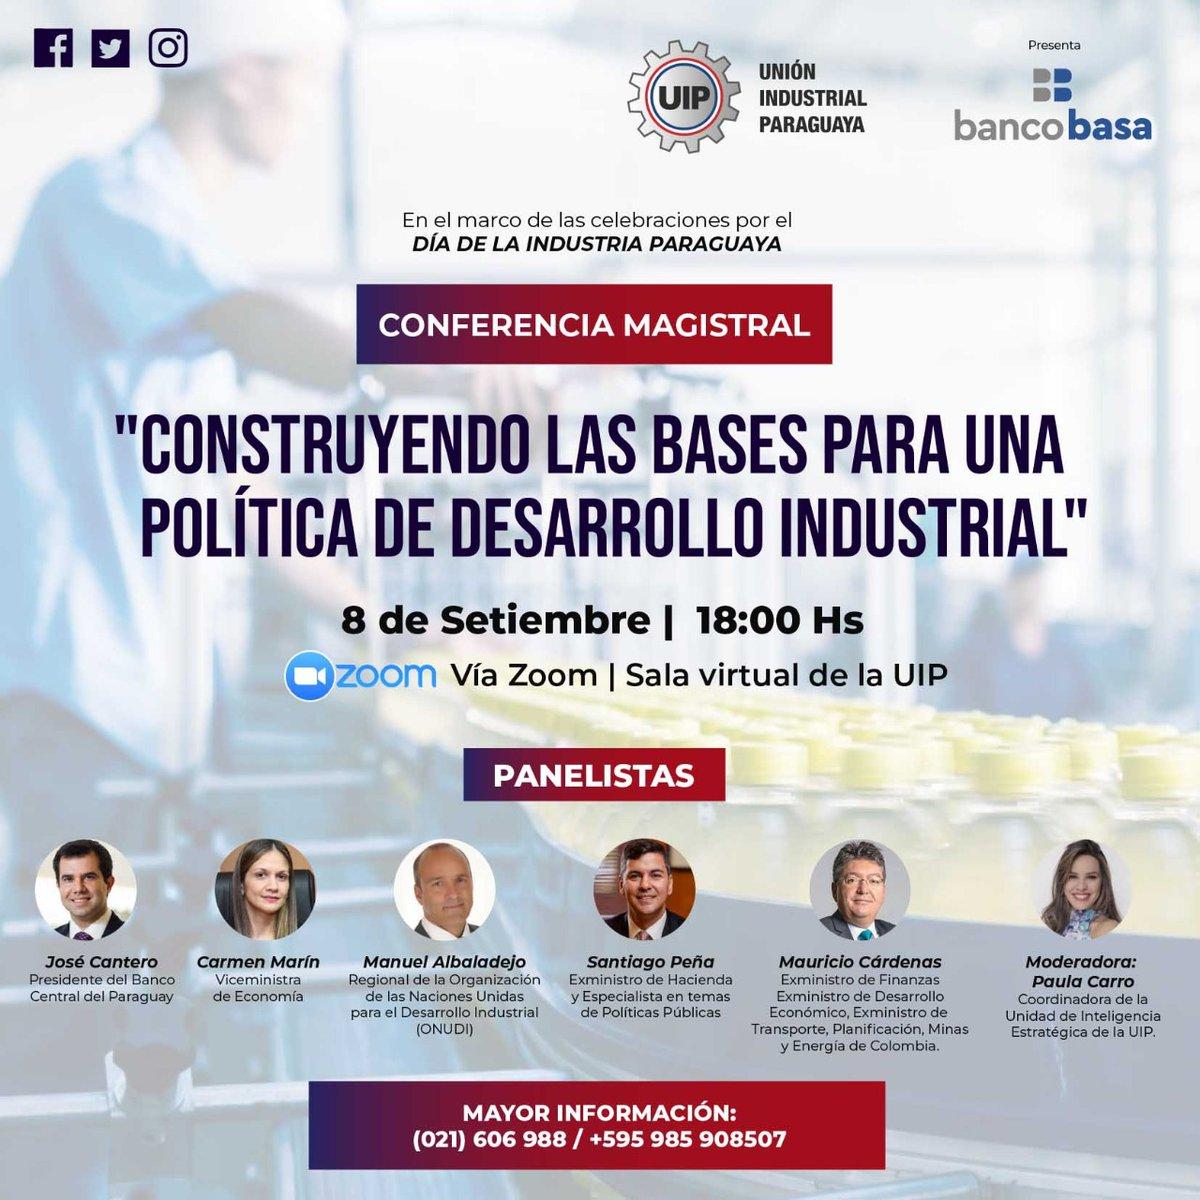 """Por el #DíaDeLaIndustria te invitamos a esta Conferencia Magistral: """"Construyendo las bases para una política de desarrollo industrial""""⚙️🇵🇾  📅 Martes 8 de setiembre a las 18:00 ¡Te esperamos! 🙌 📝 Inscripciones en: https://t.co/W9NGC4zVMF https://t.co/Rj8Mg7YaWV"""